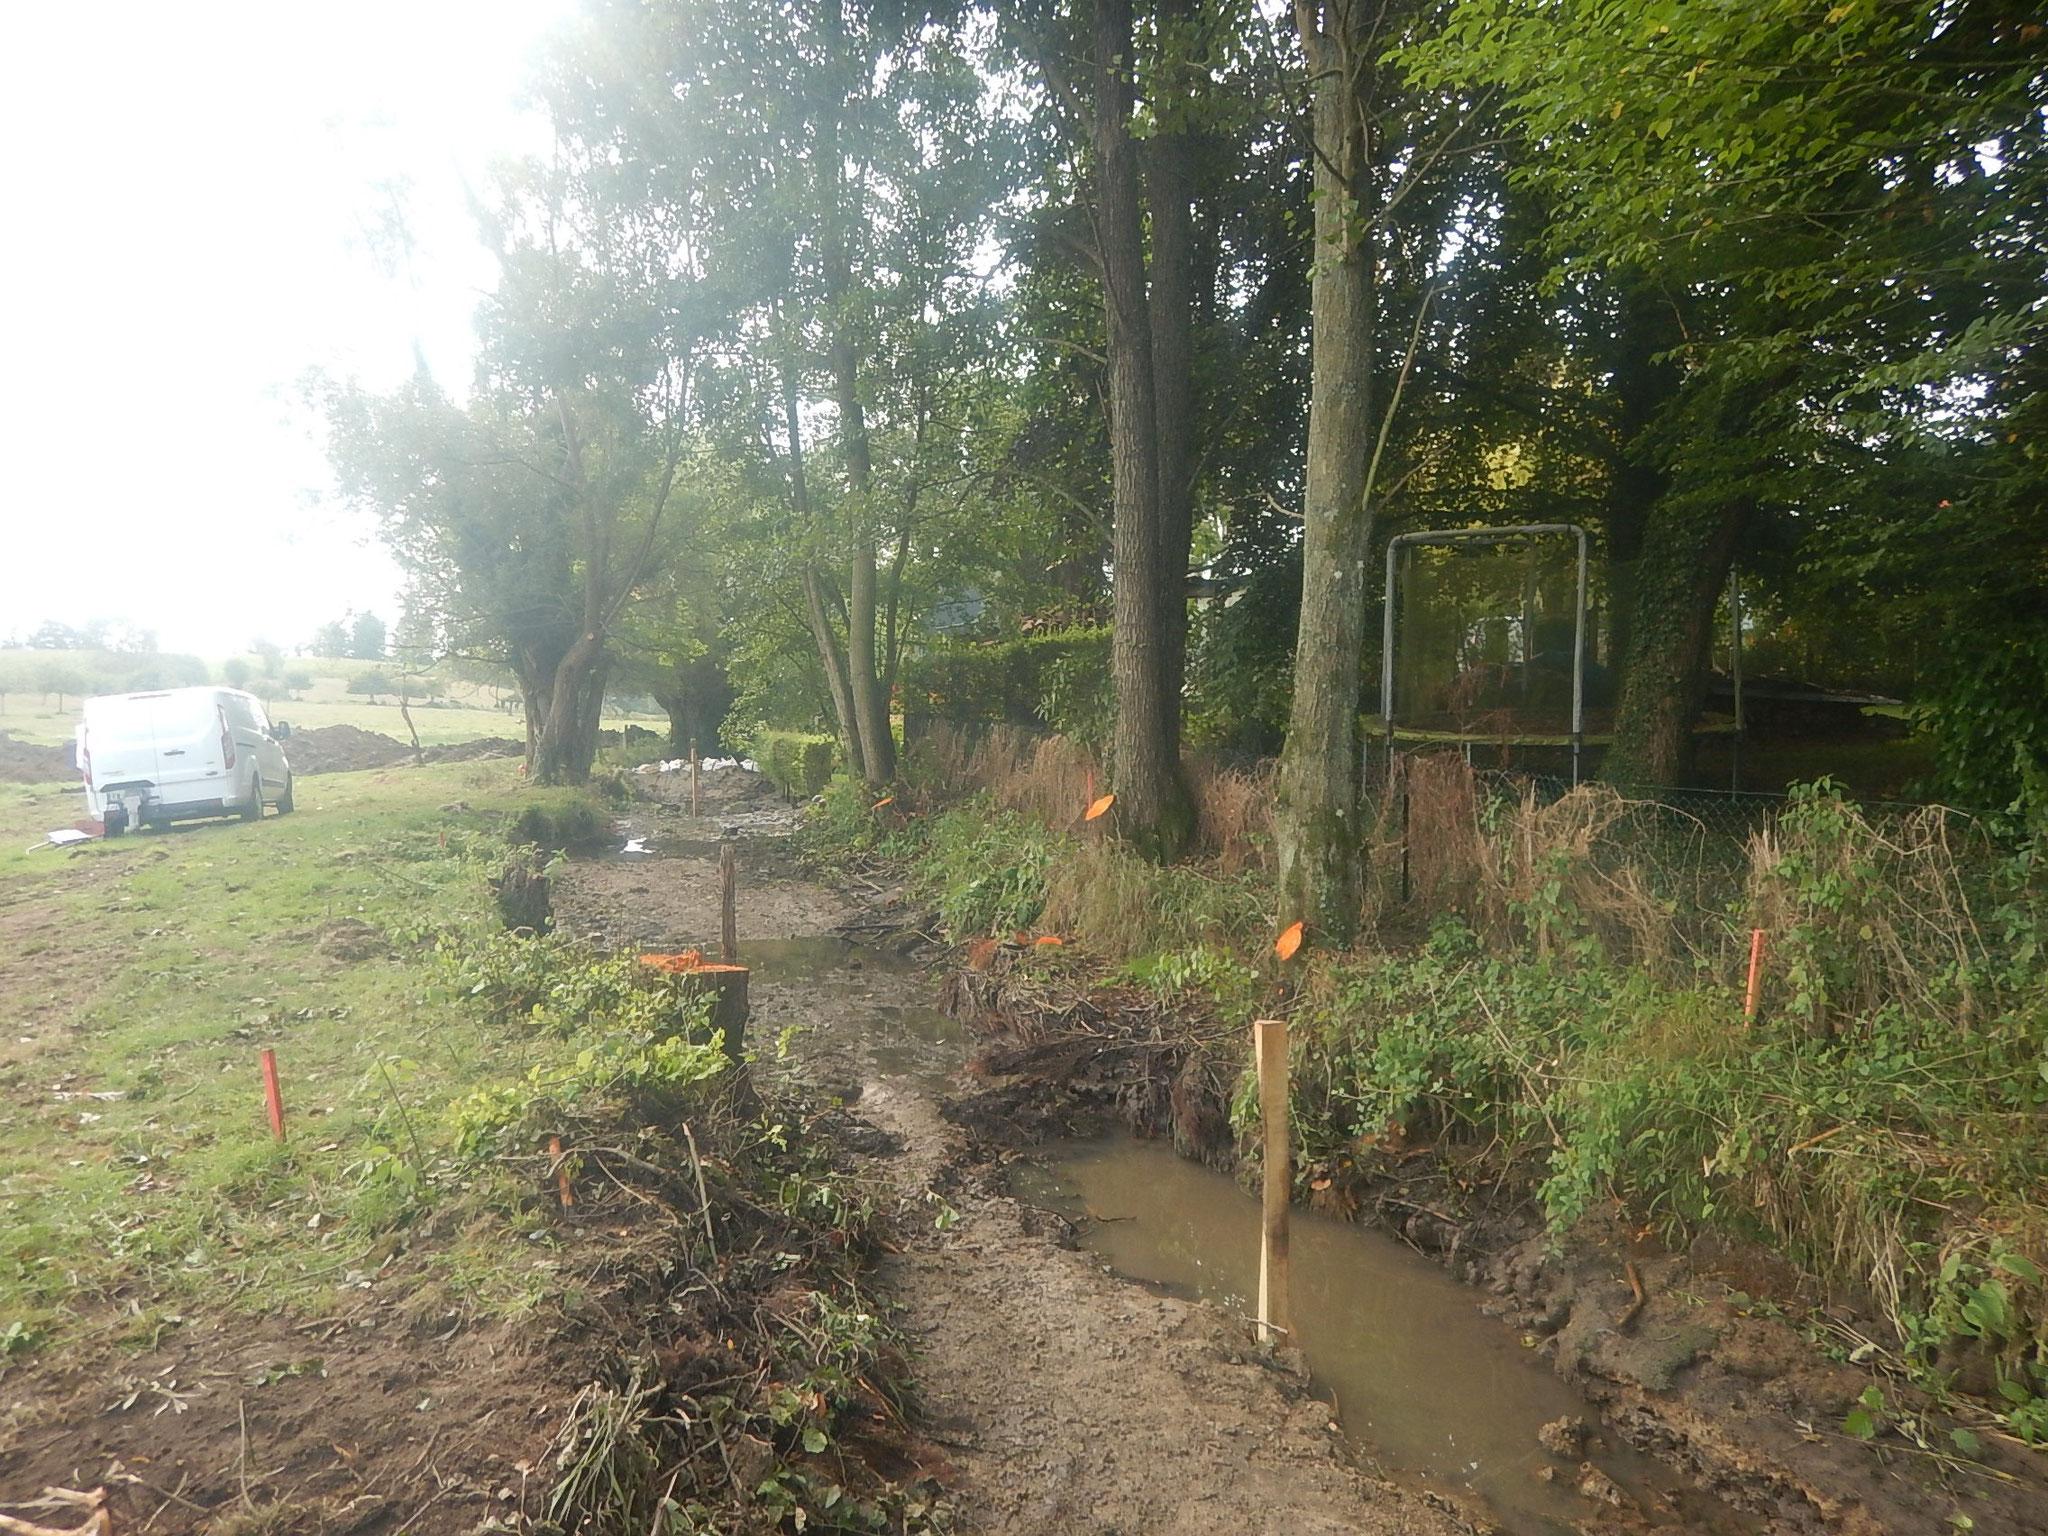 Assèchement du cours principal de la Béthune suivi d'une pêche de sauvetage